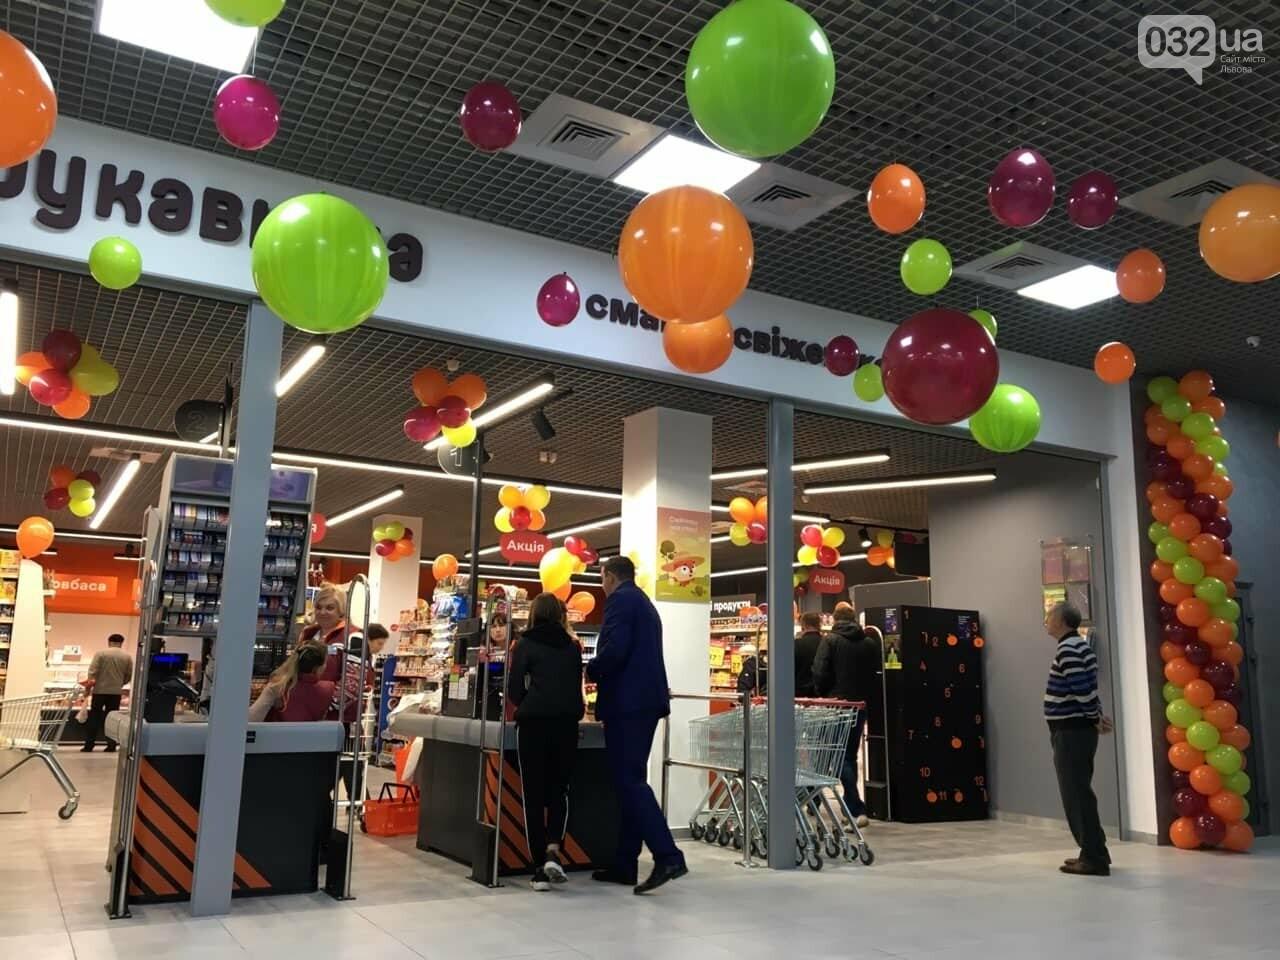 """У Сокільниках відкрили перший супермаркет """"Рукавичка"""", - ФОТО, фото-2"""